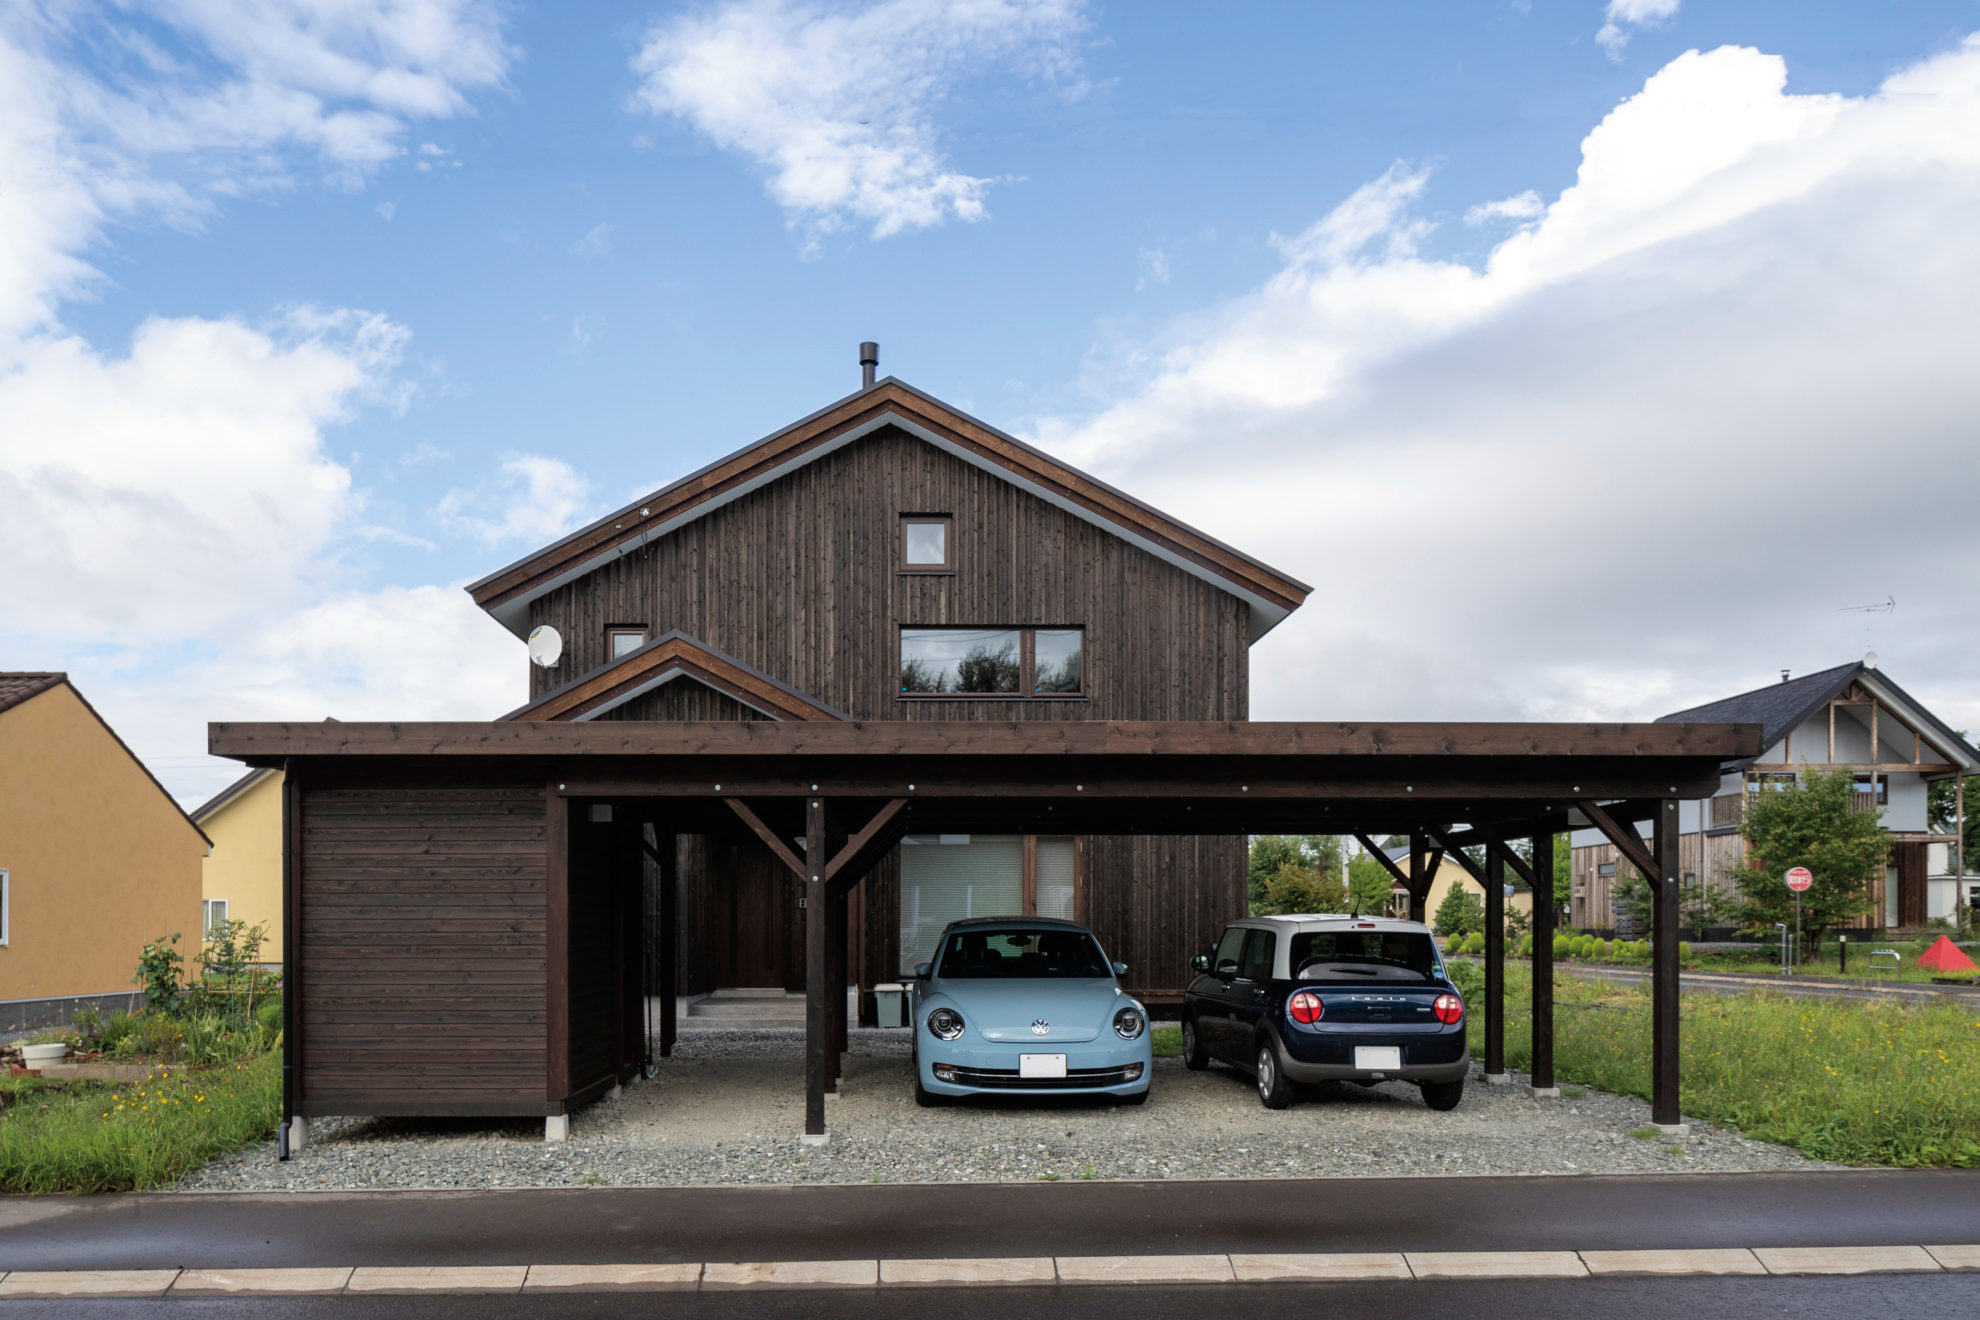 豊かな緑に囲まれたSさん宅。スギ板張りの外観は、「木の家で暮らしたい」と願ったSさんご夫妻の理想そのもの。 カーポートは車を2台とめられるようにした